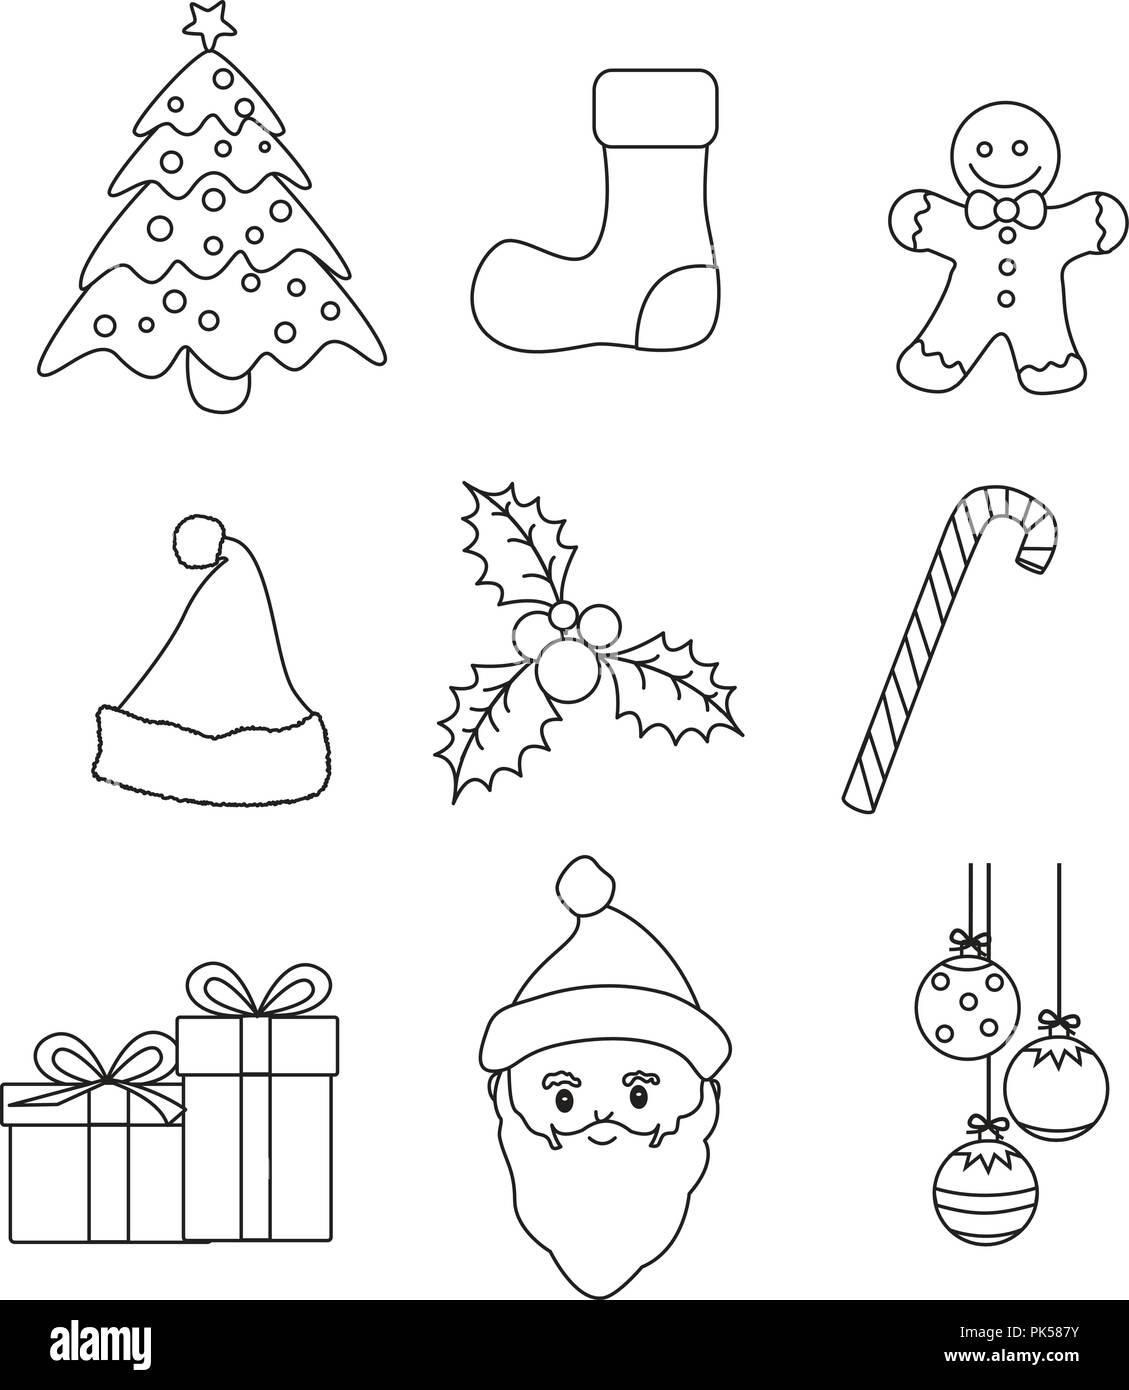 Grafica Di Natale Lineart Raccolta Per Bambini Libro Da